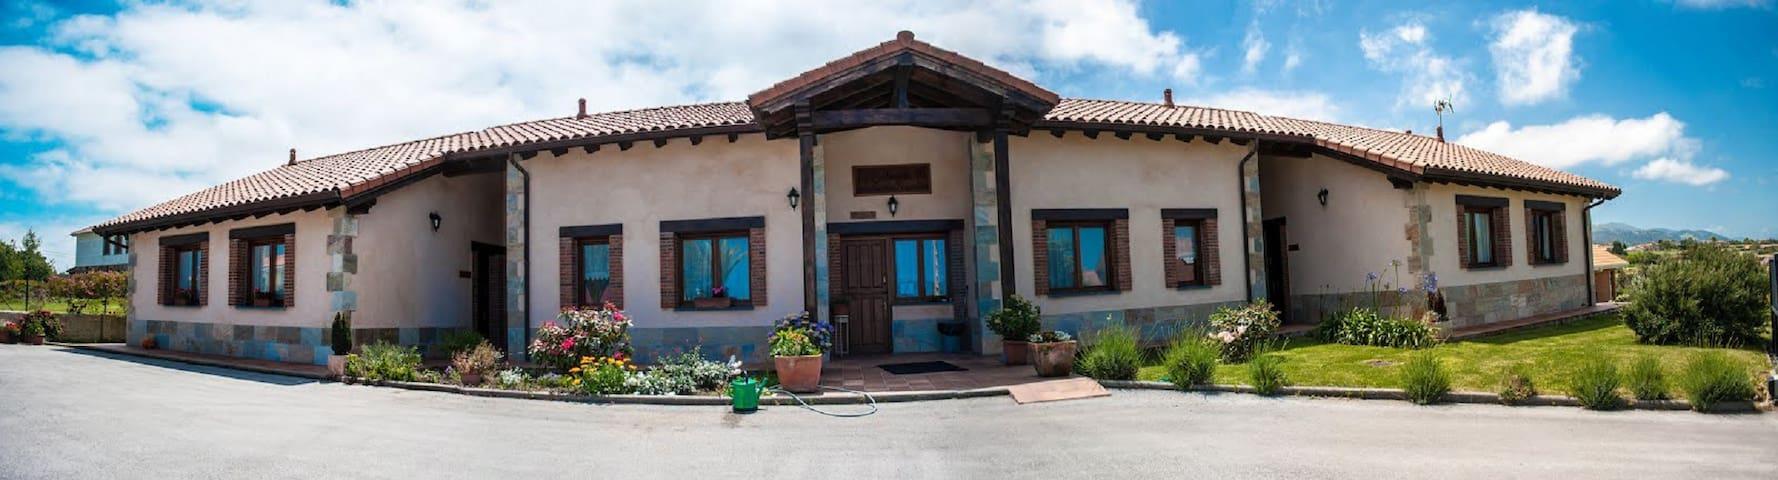 Aptos Rurales  para su tranquilidad SANCIDIELLO - Valdredo